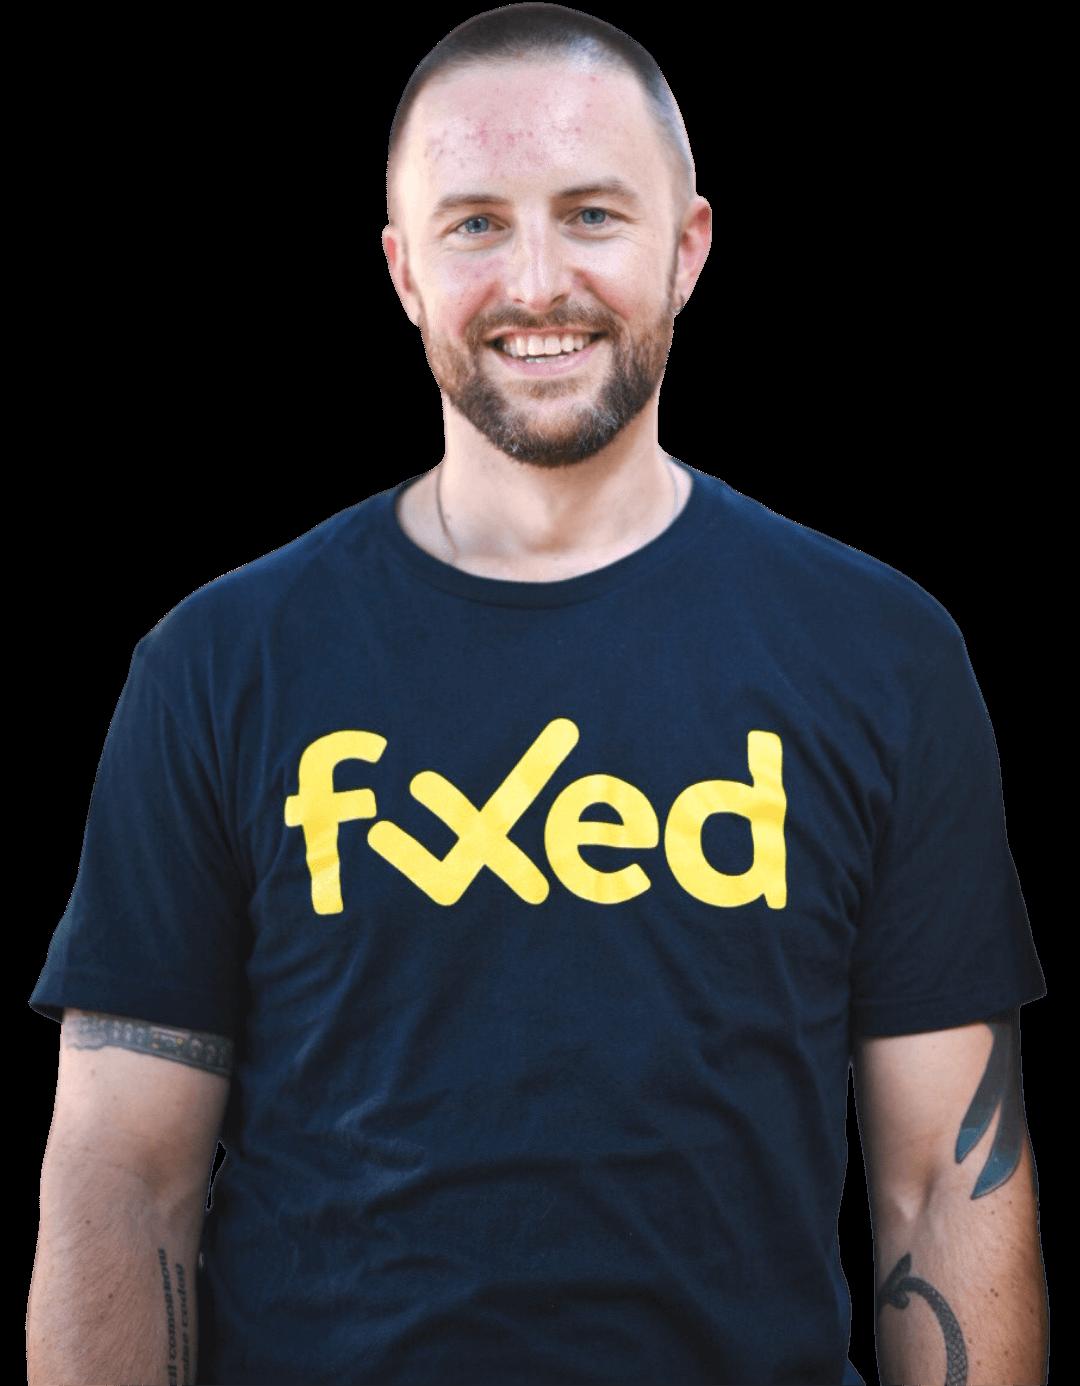 an employee from fxed dot com